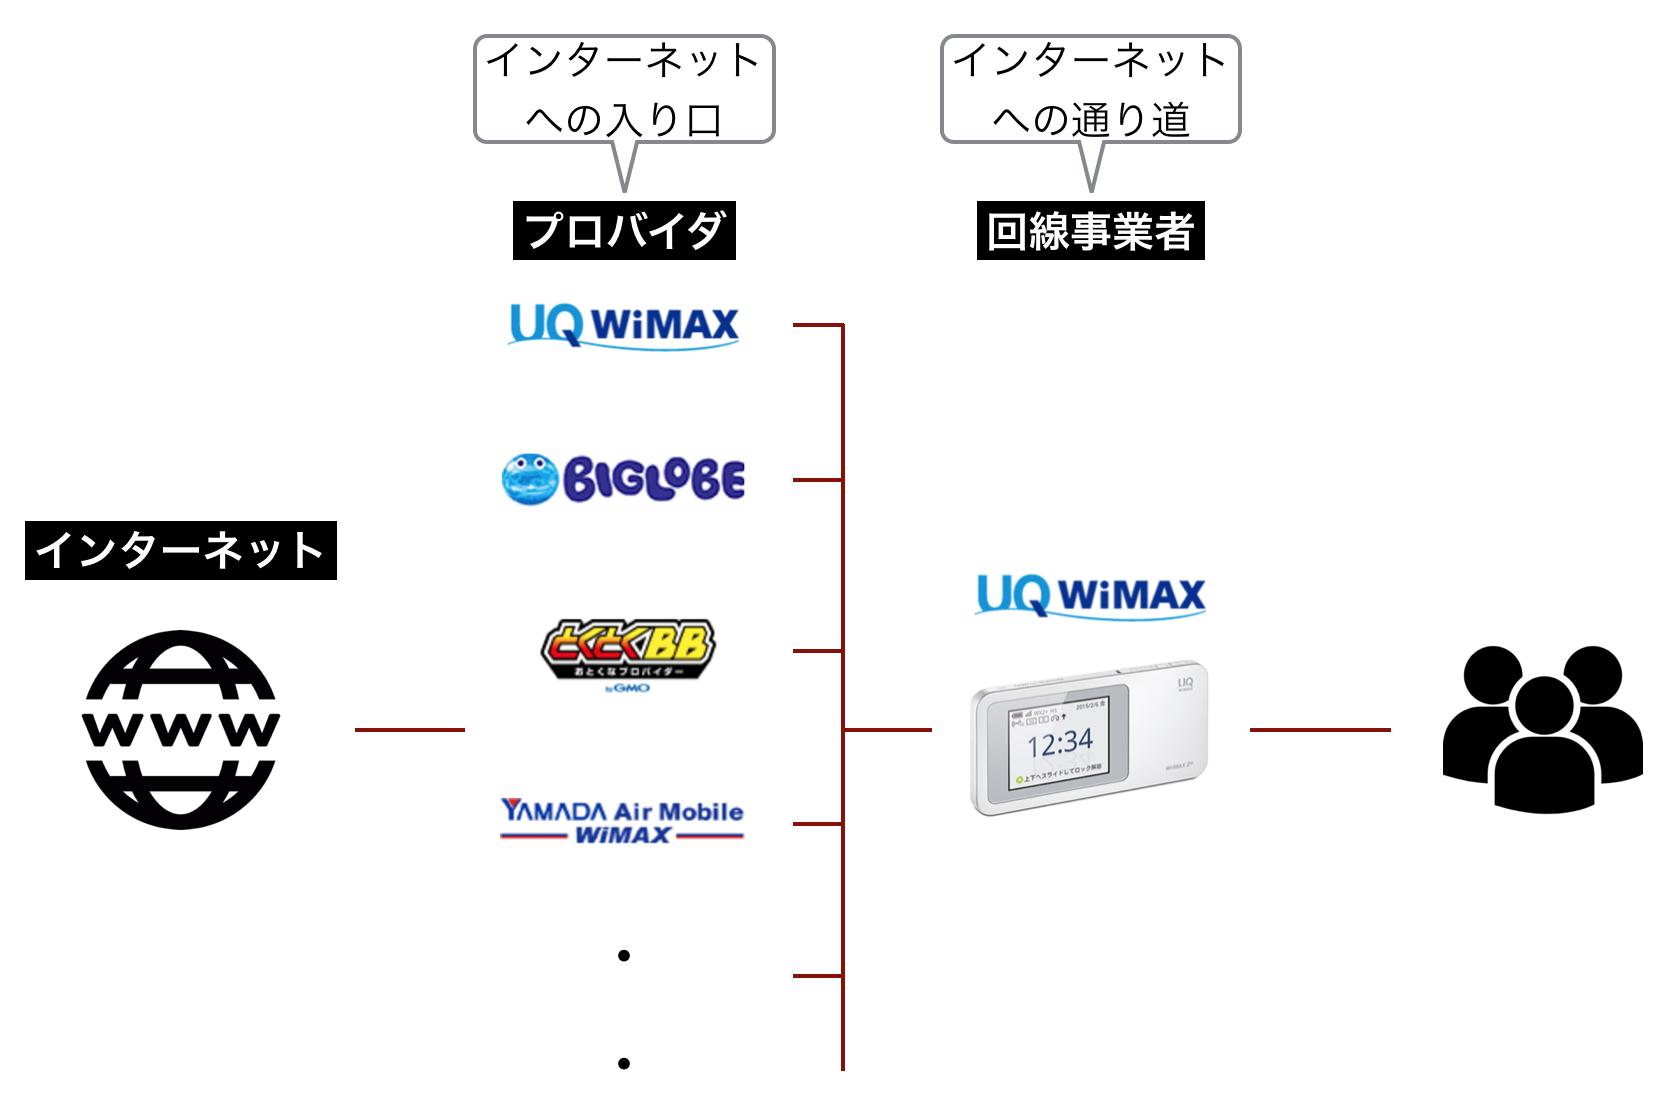 ヤマダ WiMAX プロバイダ